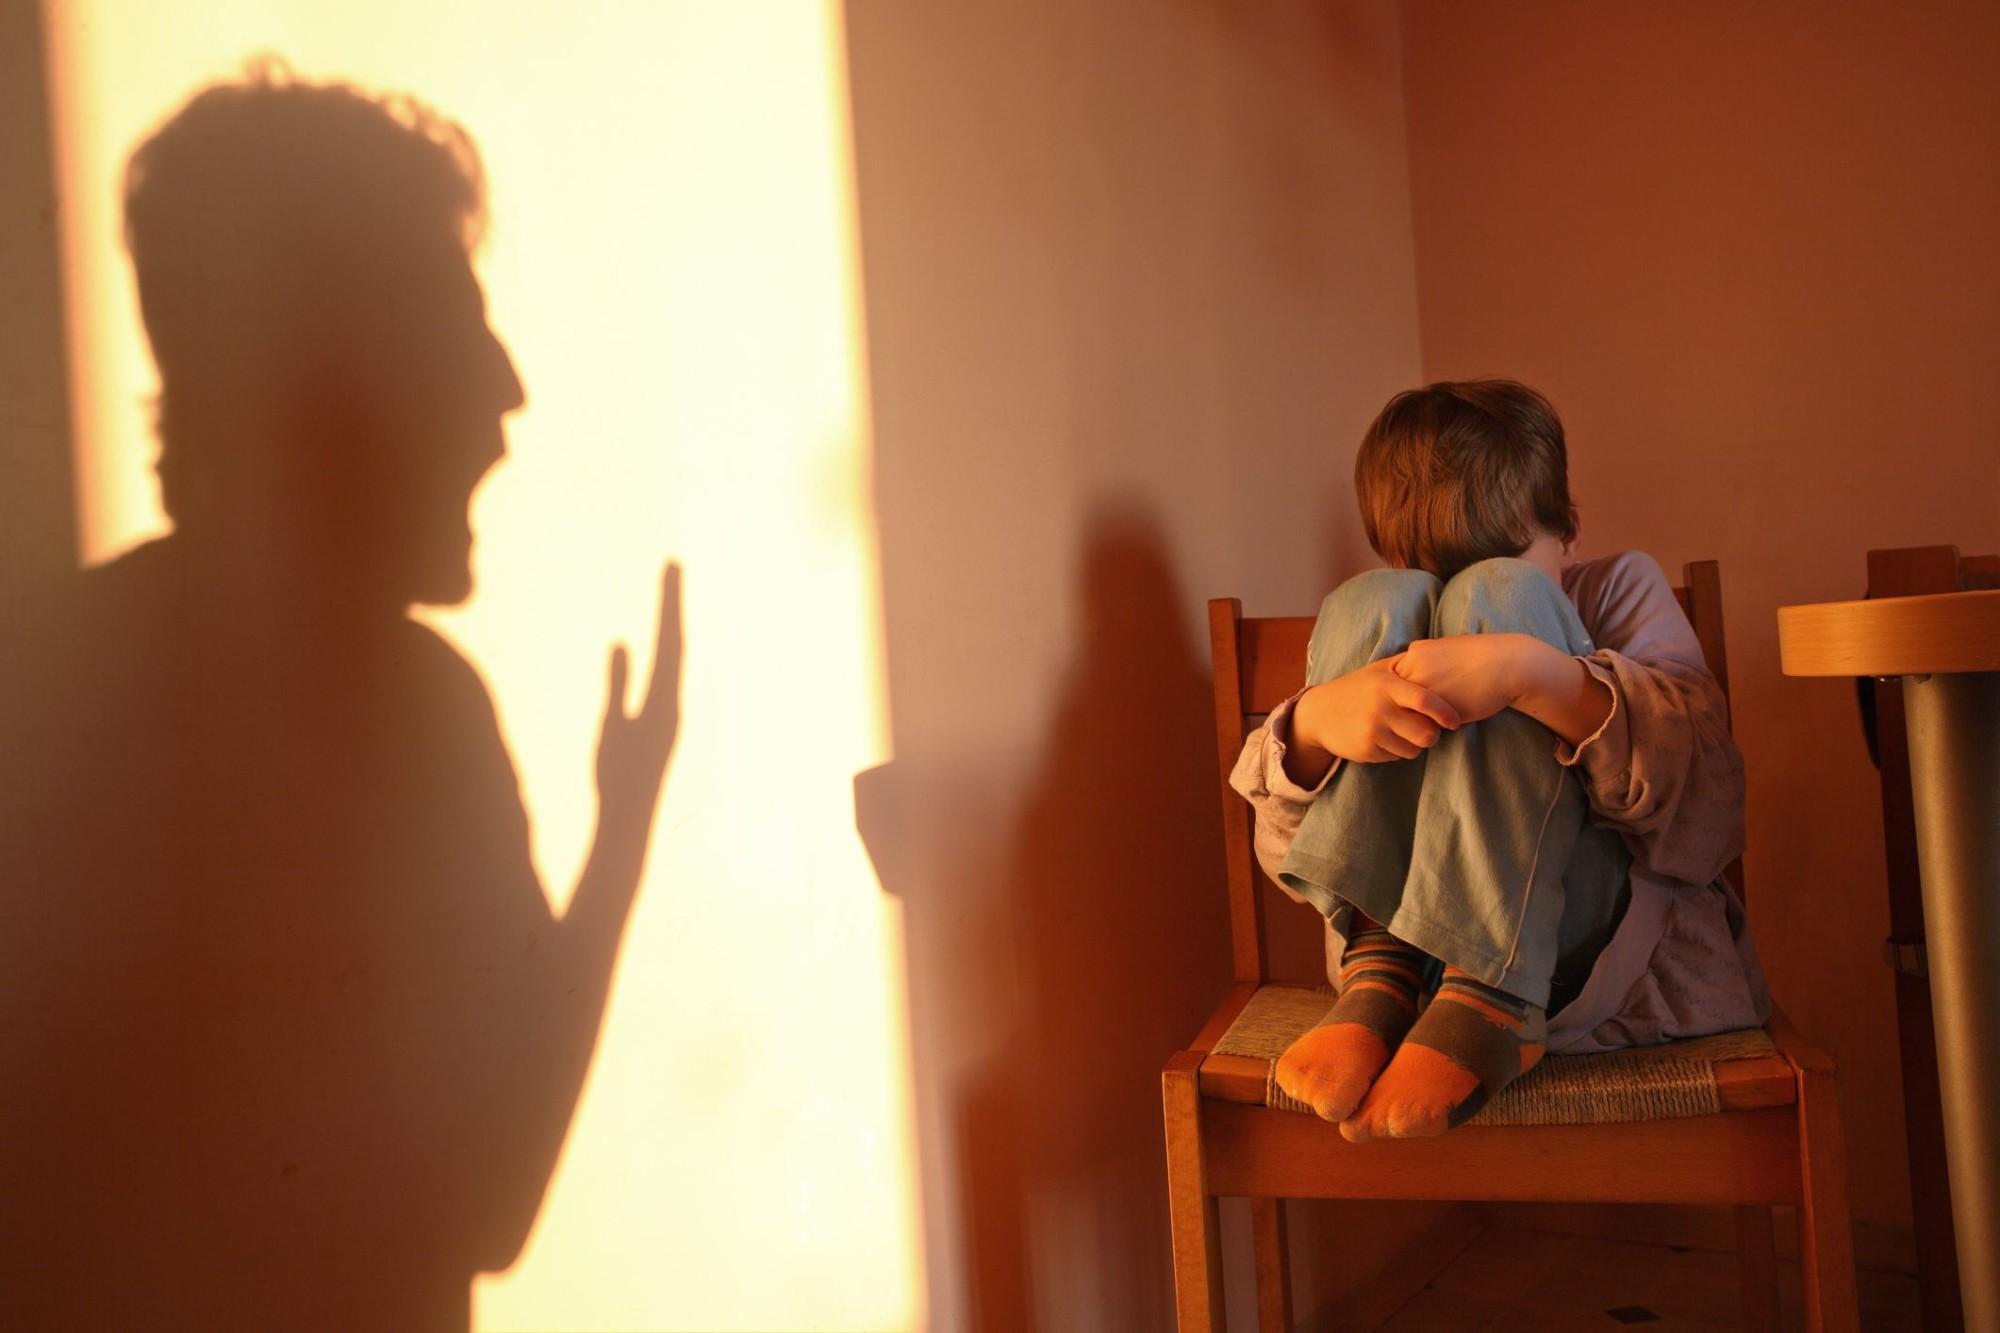 Sinais de abuso psicológico em crianças